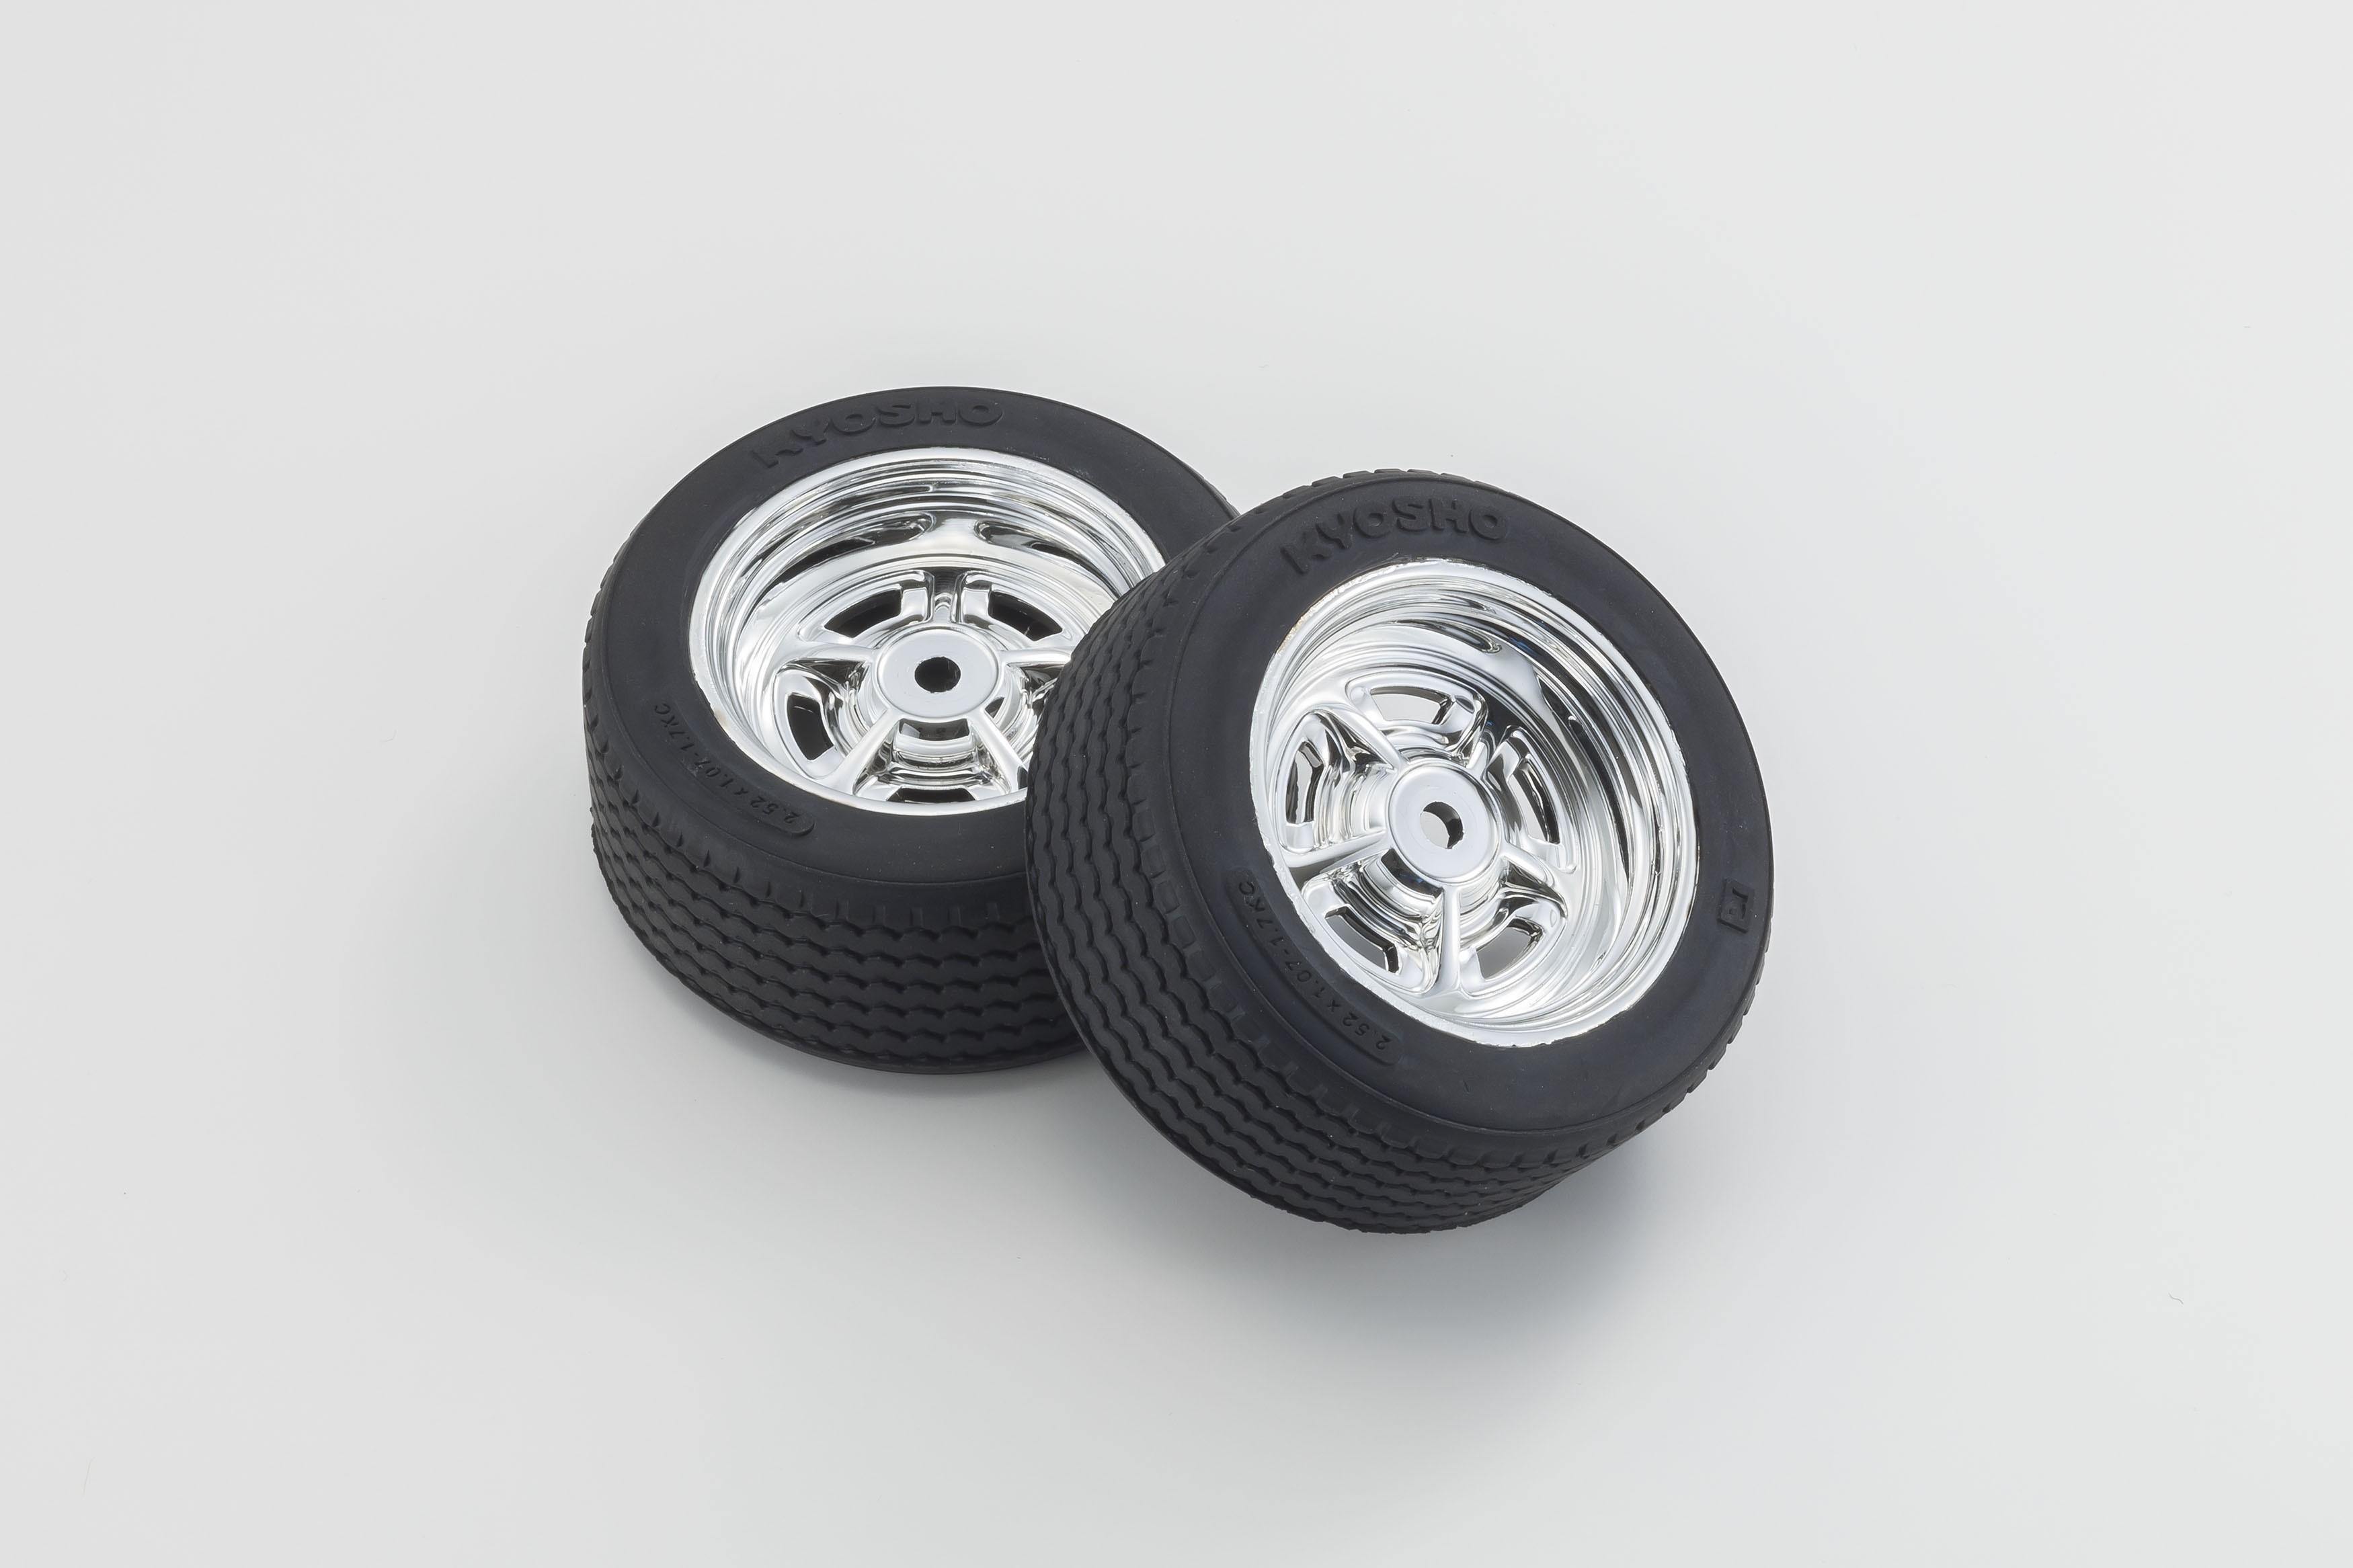 Jak správně lepit pneumatiky